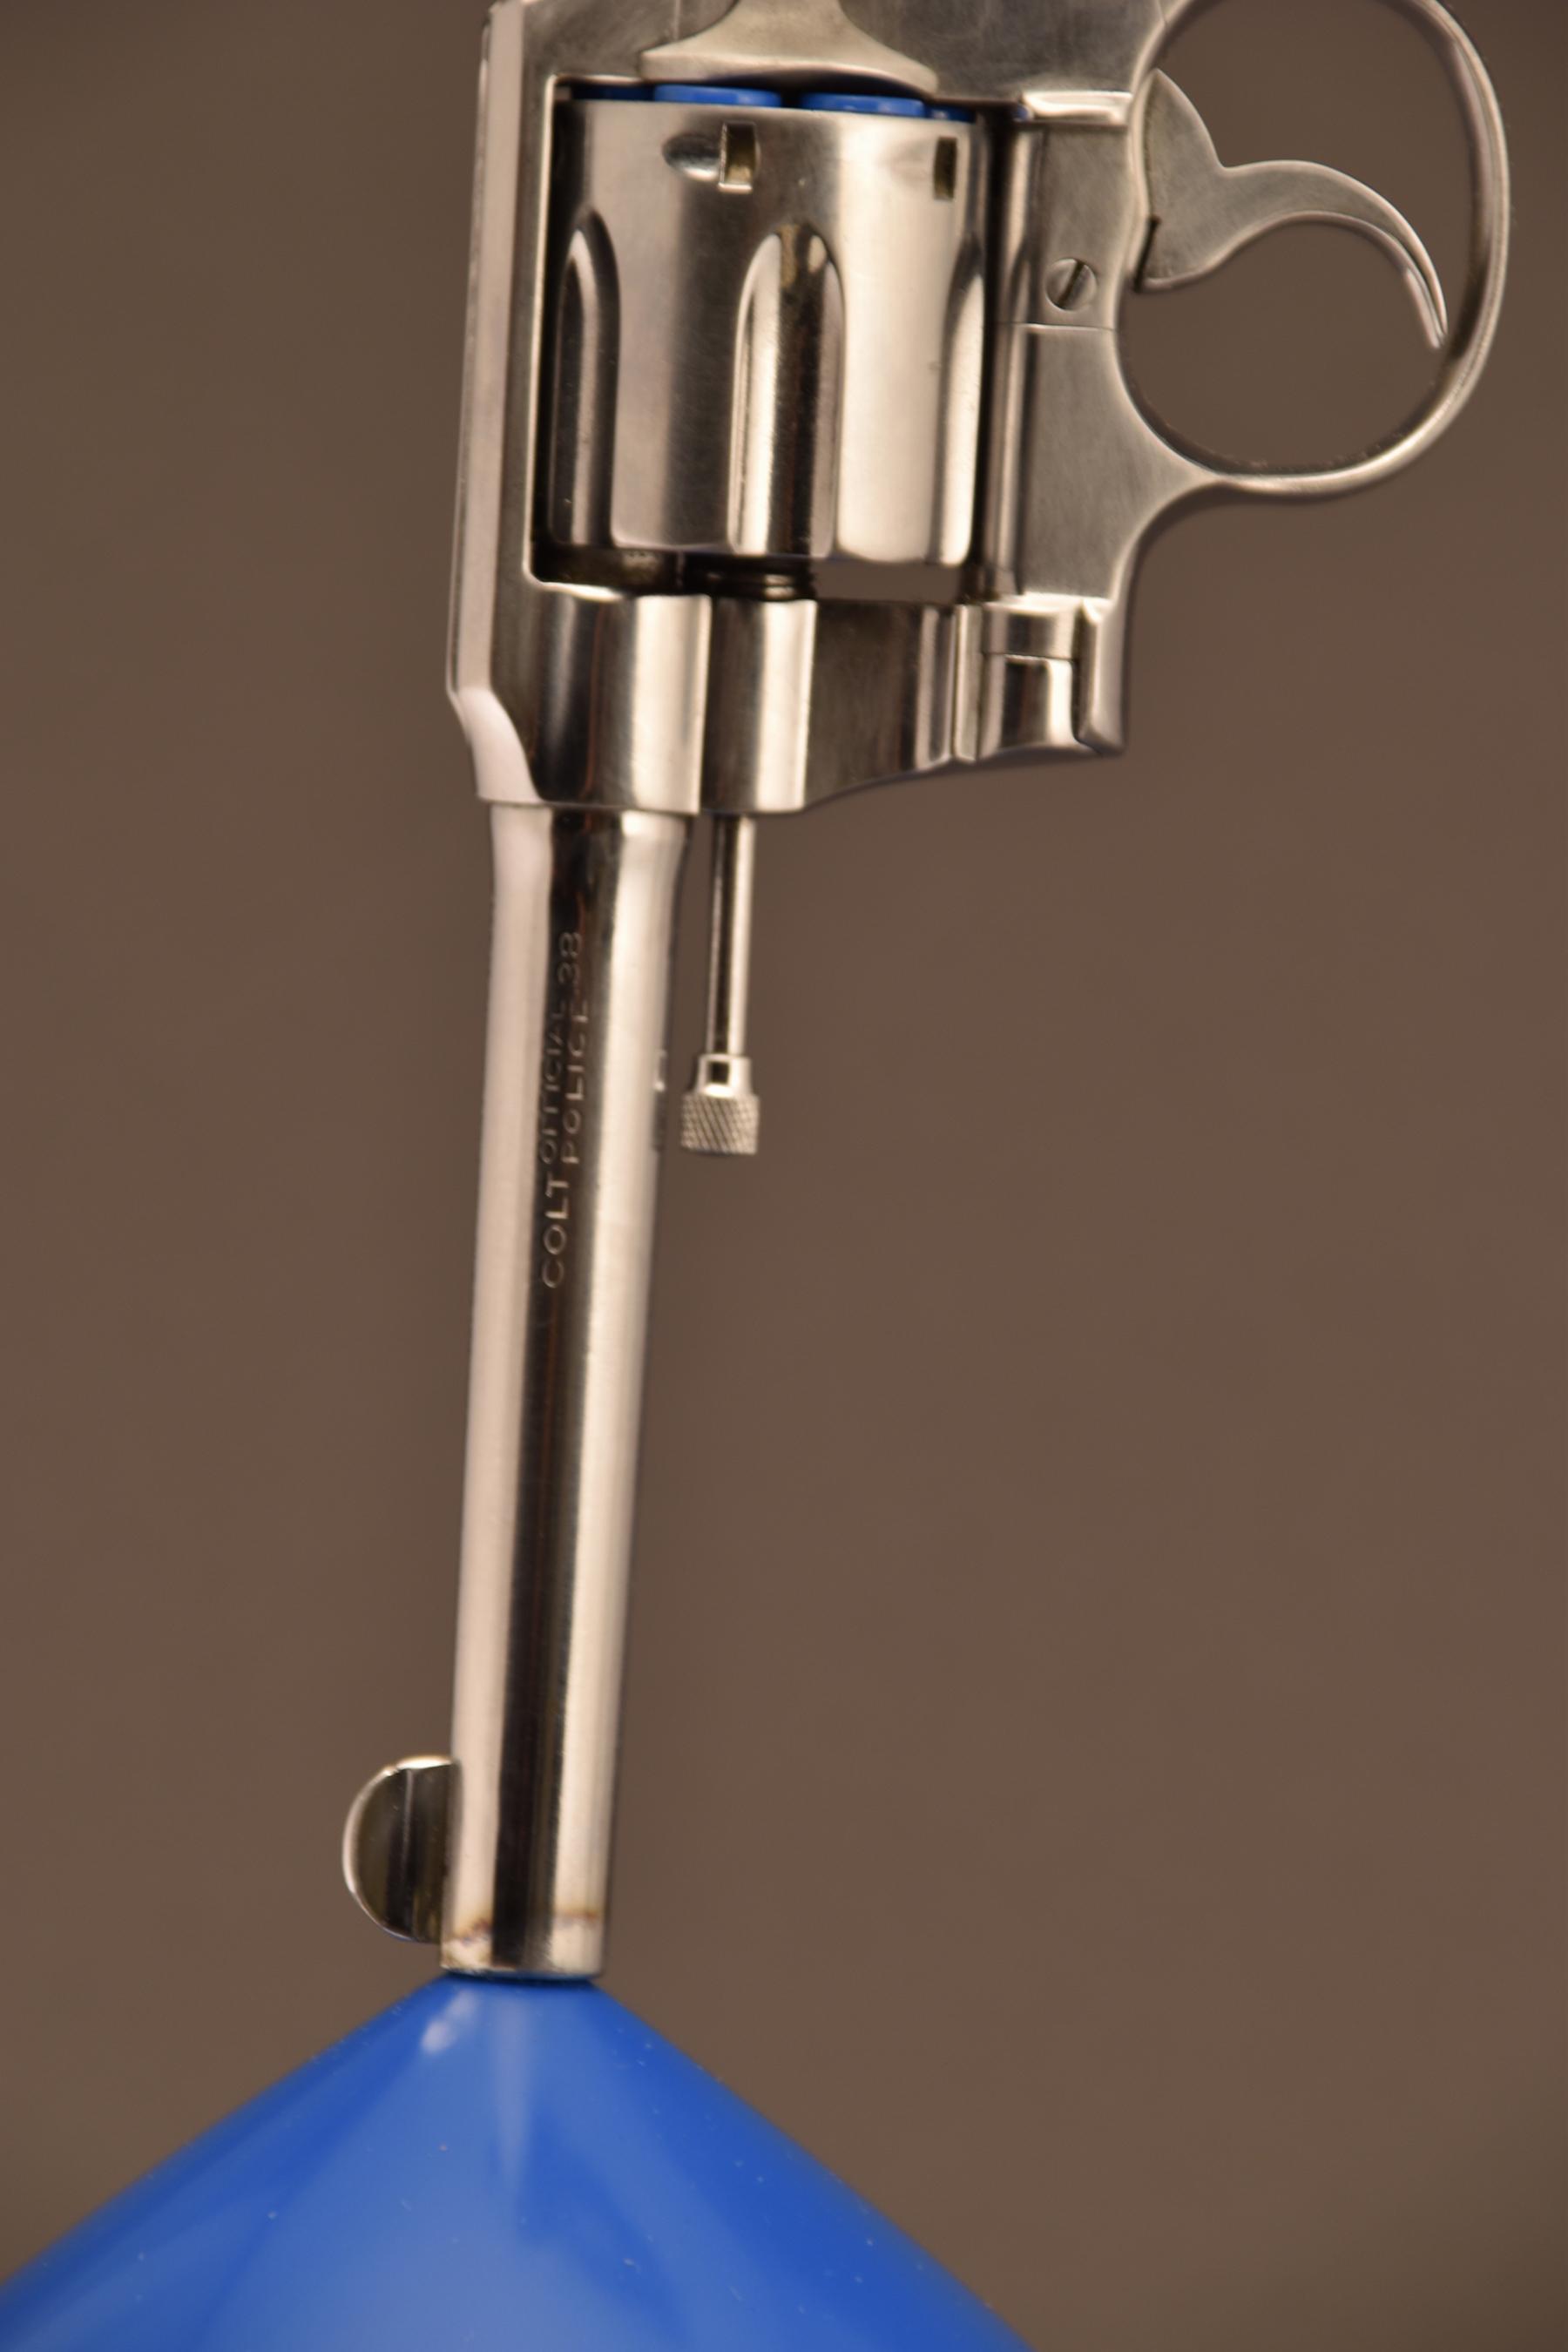 Joe Muench Bubble Gun Detail